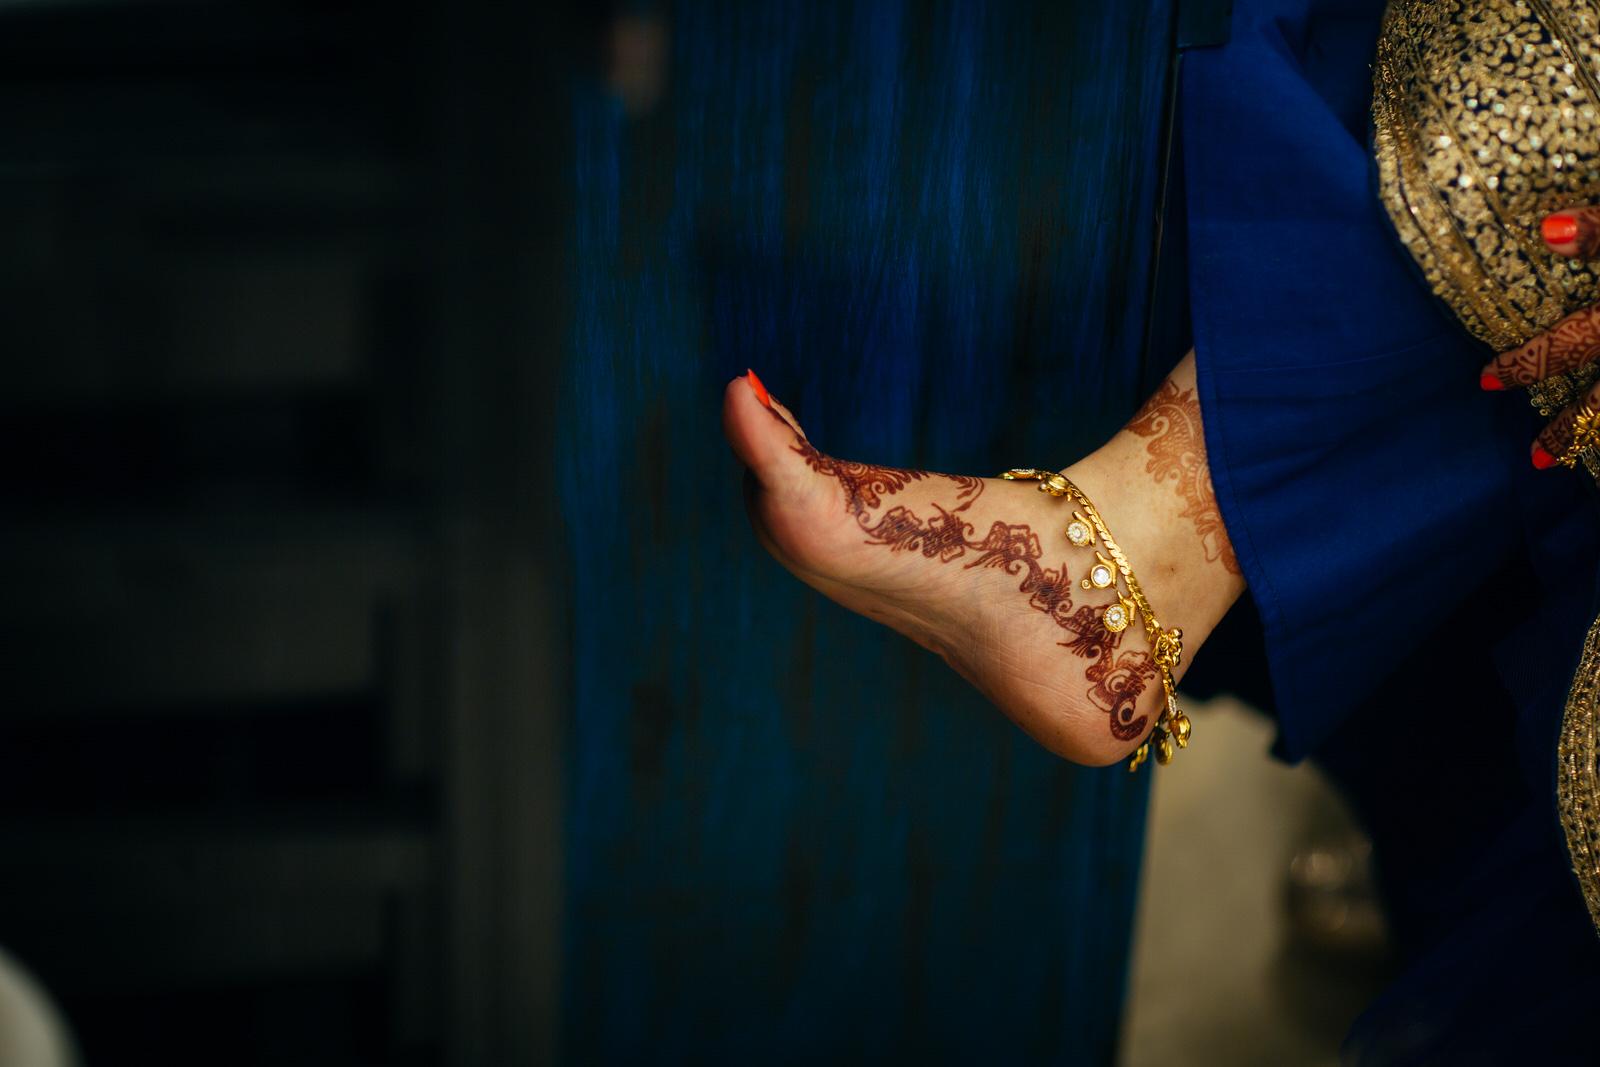 Hindu Night Wedding Day 2 - Camera 1-75.jpg